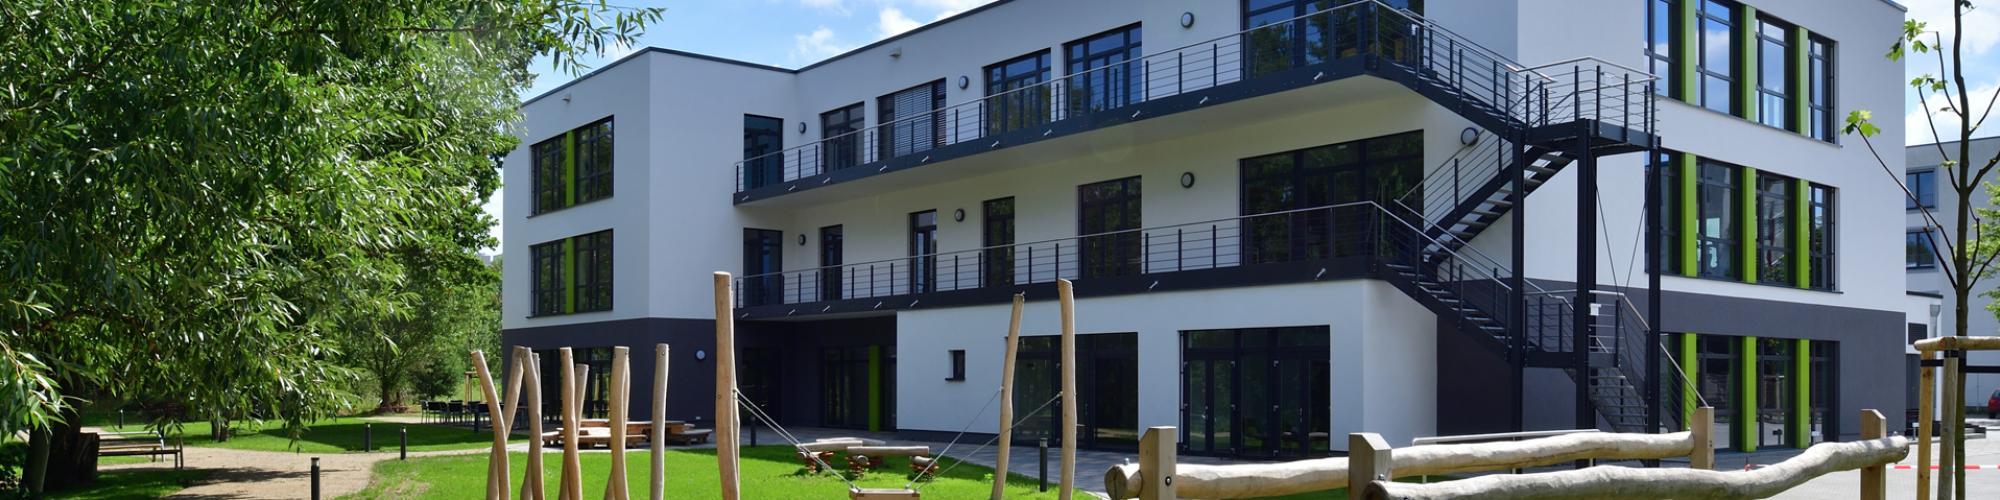 Reha-Zentrum Teltow GmbH & Co.KG